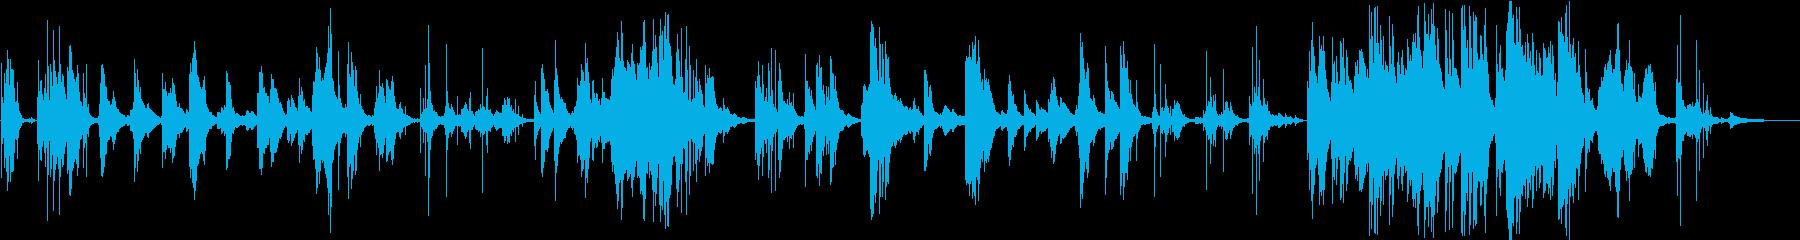 新世界より即興ピアノによるラブヒーリングの再生済みの波形